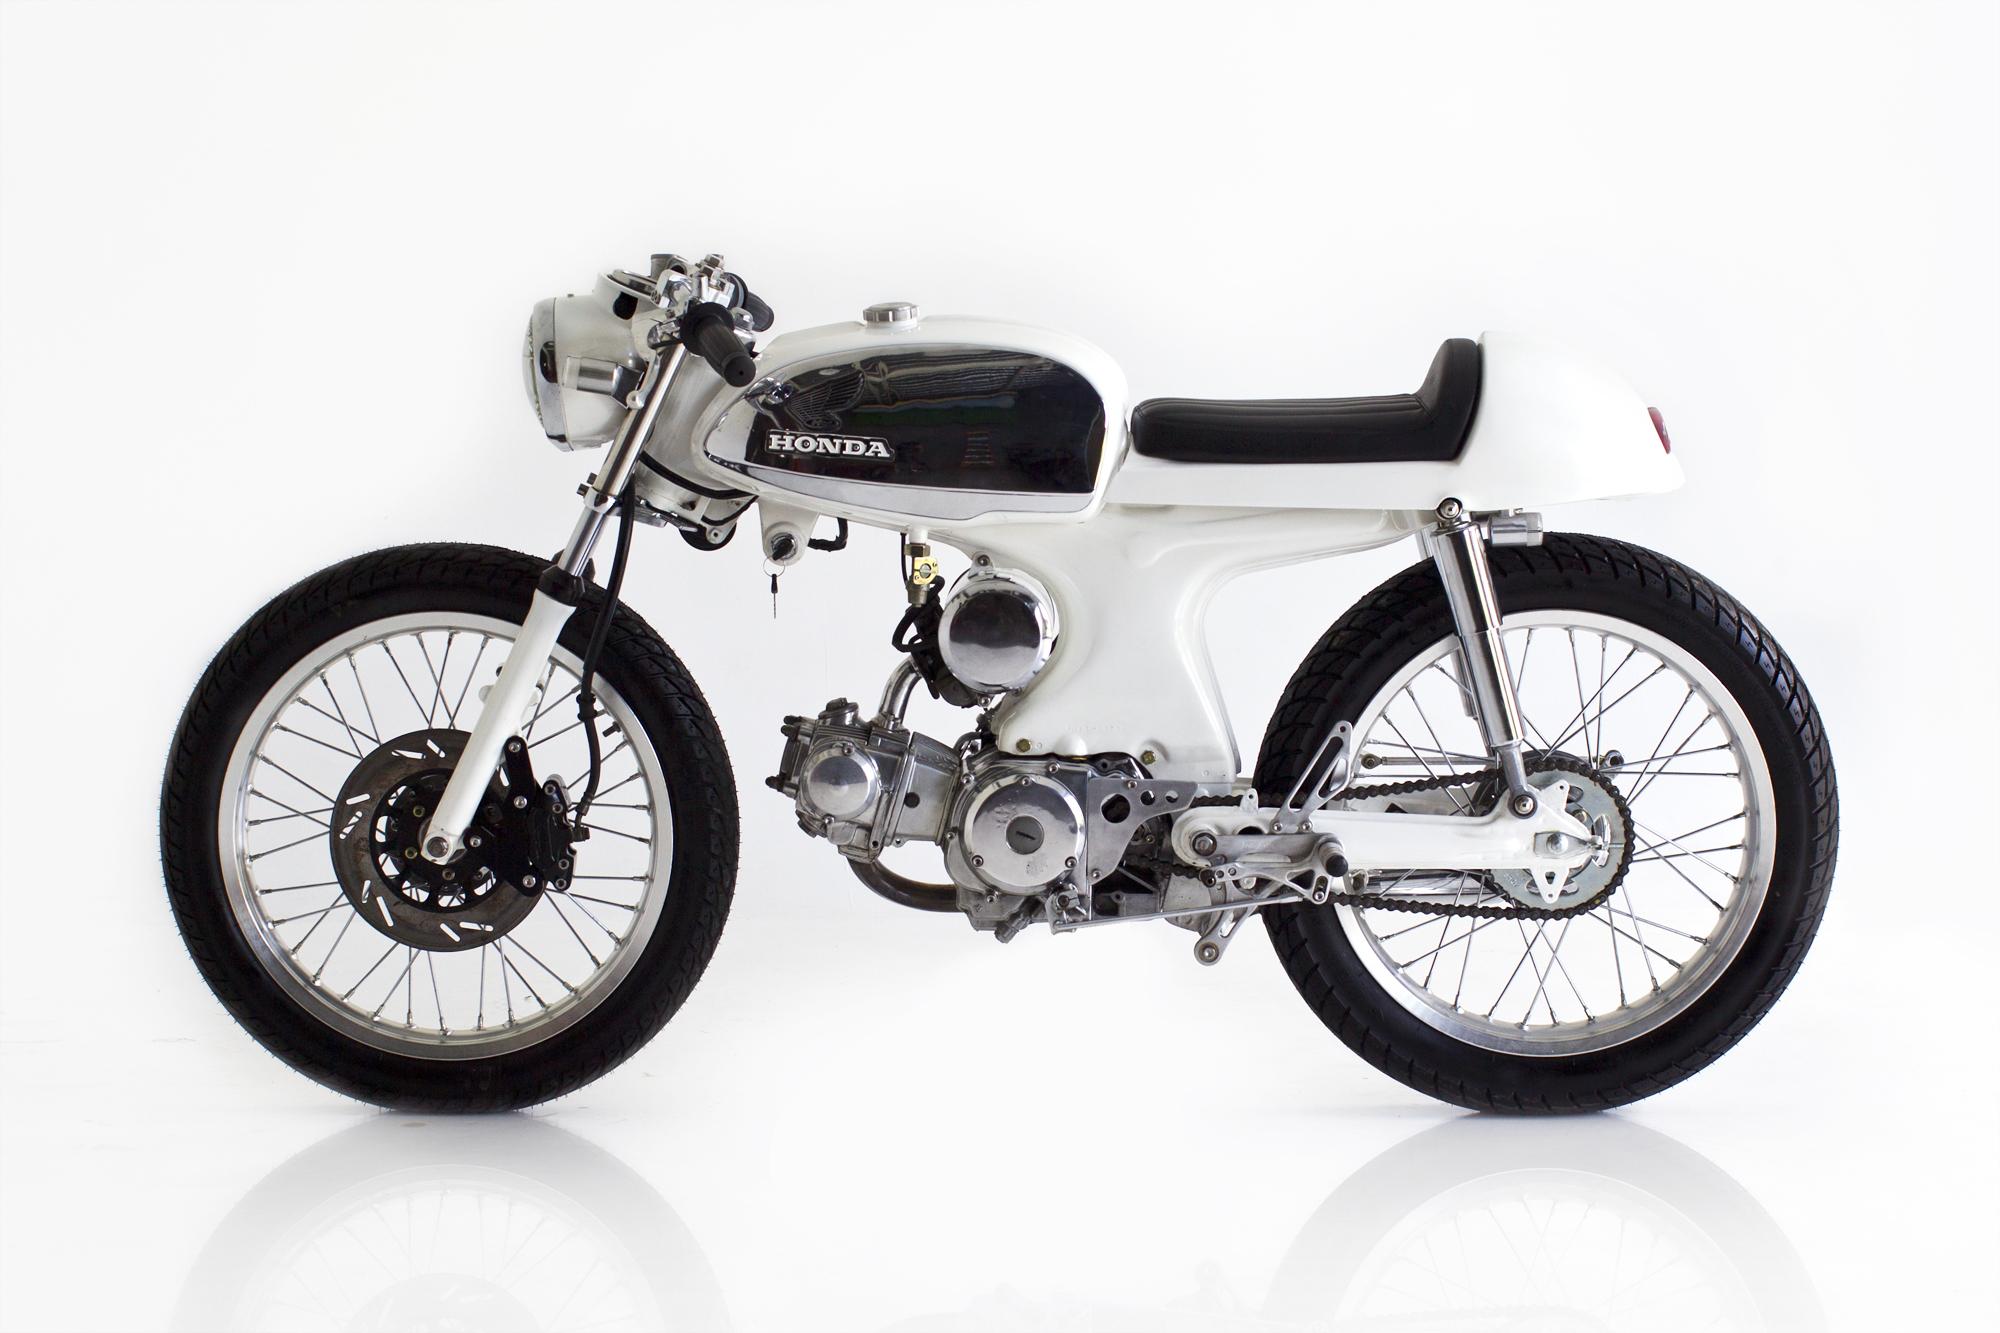 Deus Ex Machina Custom Honda S90 Cafe Racer E Wallpaper 2000x1333 165912 Wallpaperup